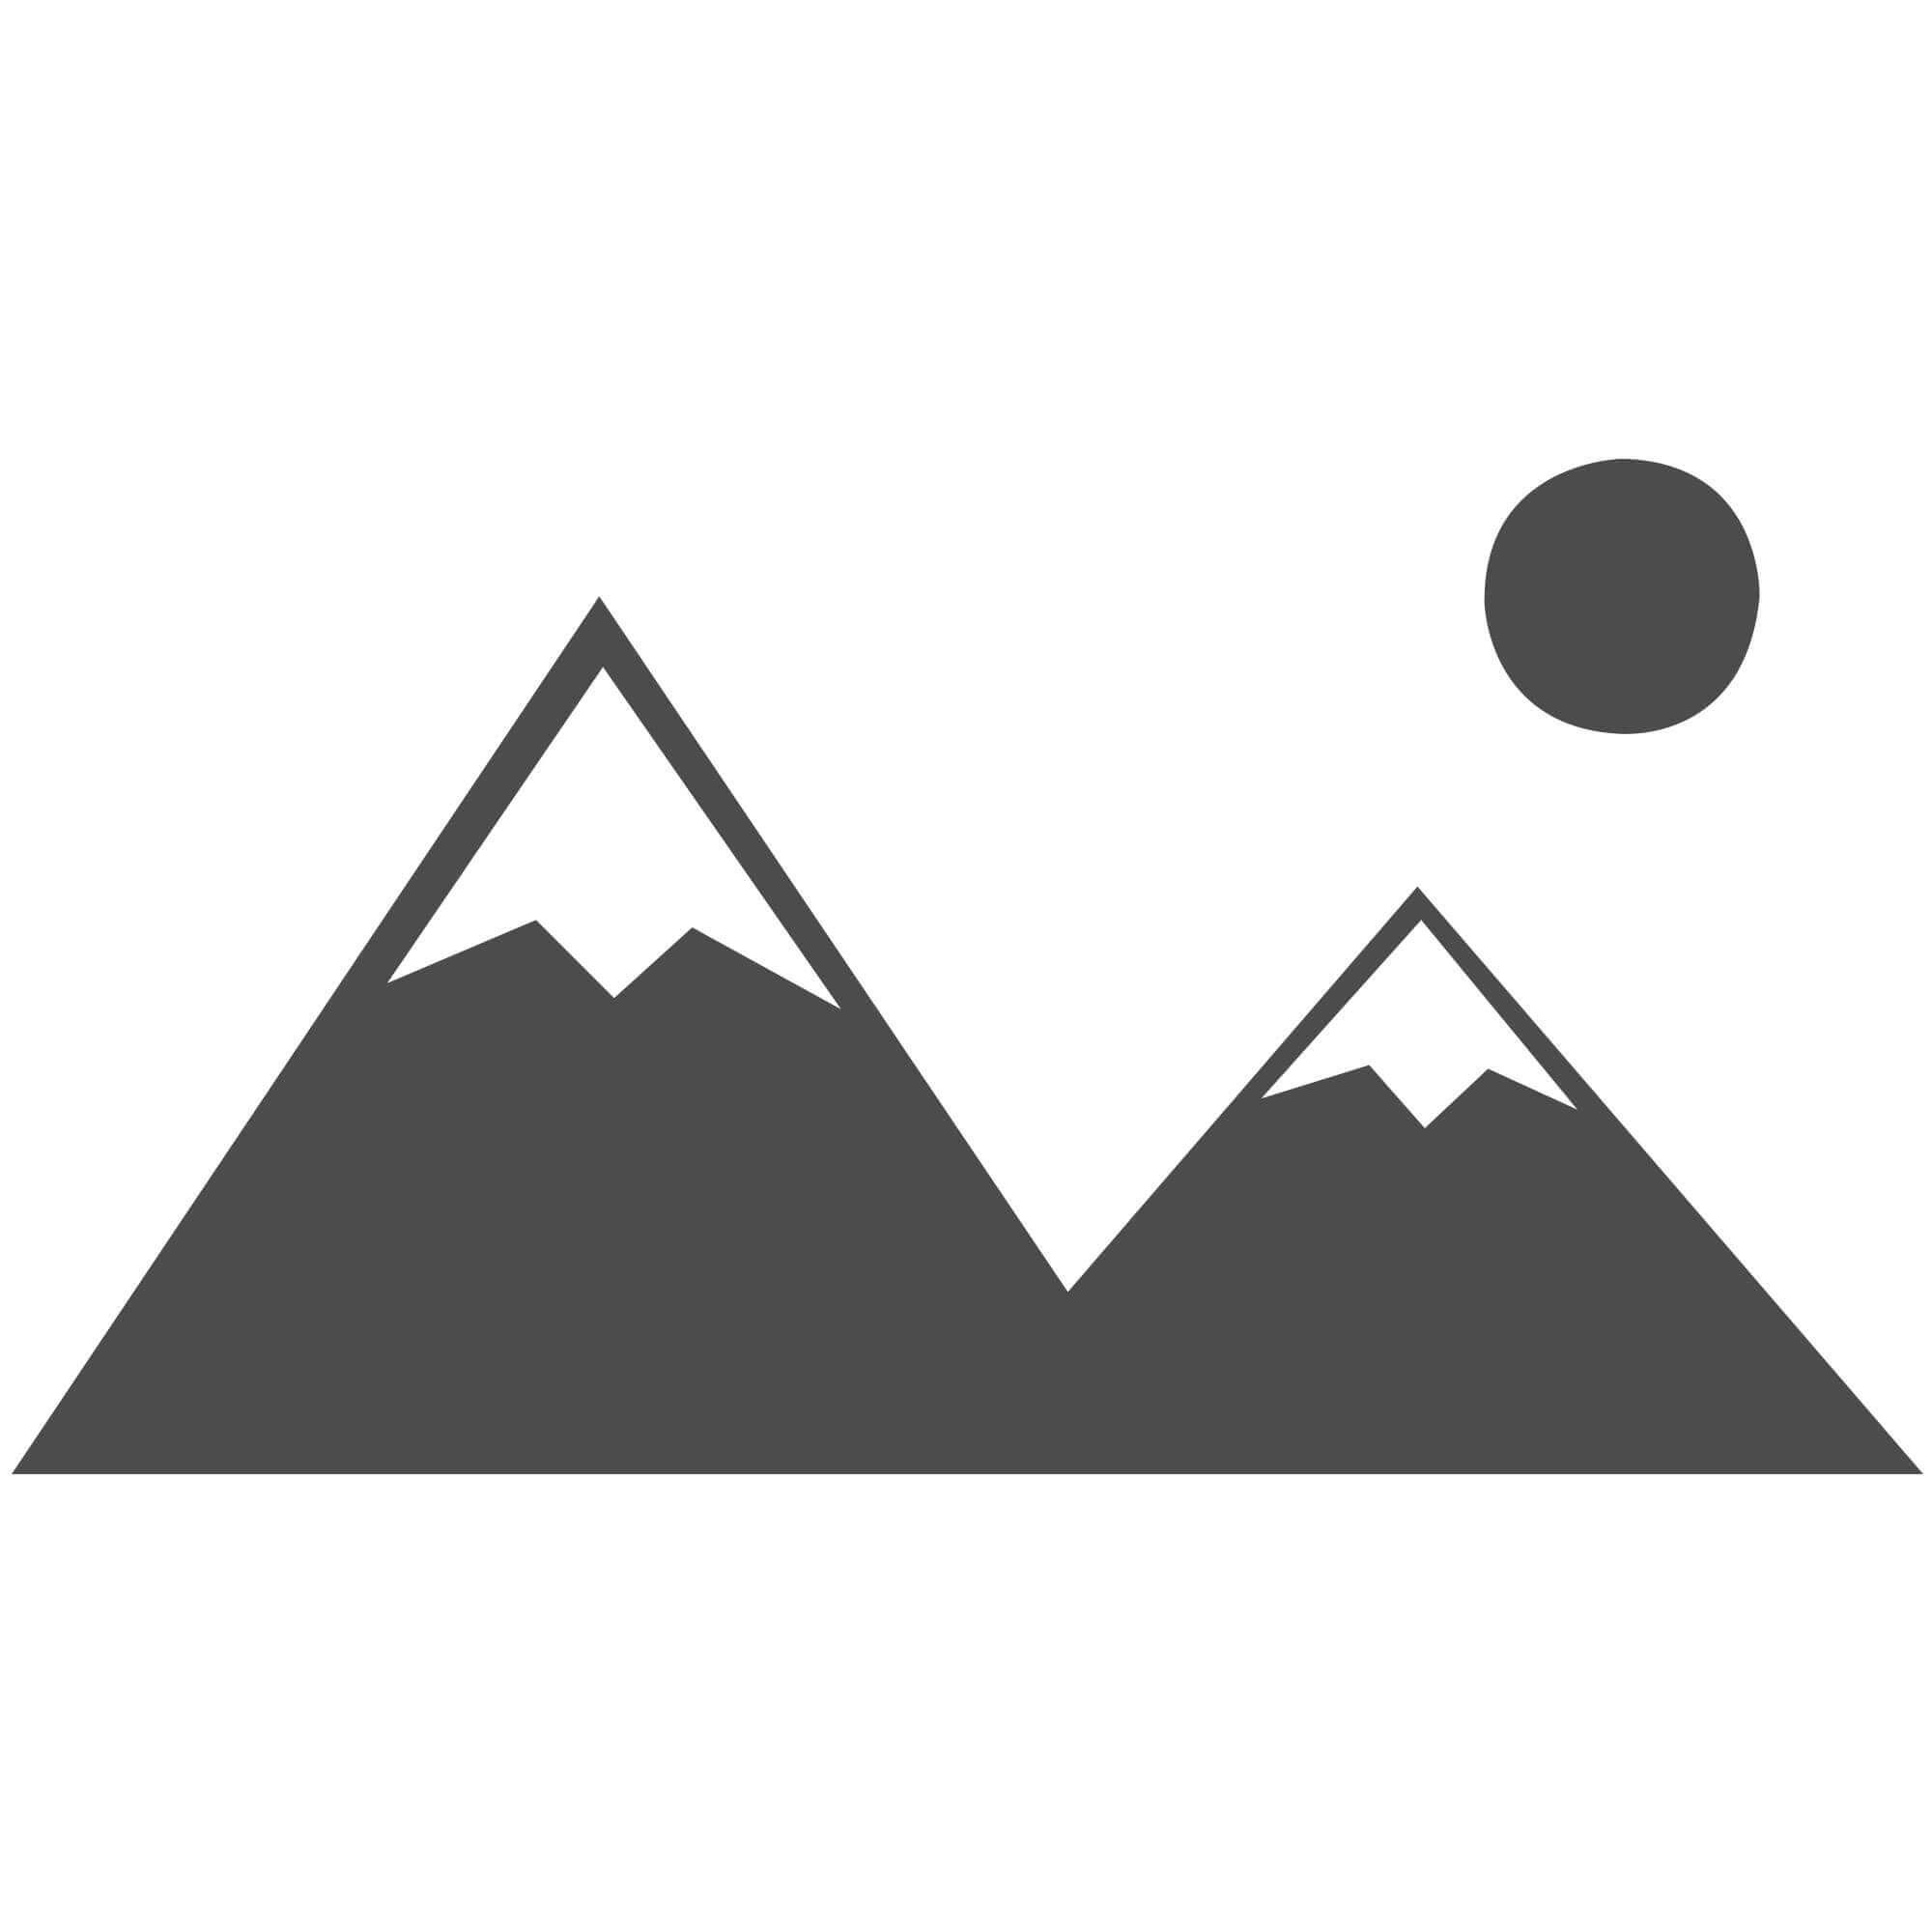 """Galleria Rug - Square 63244 2626 - Size 120 x 170 cm (4' x 5'7"""")"""